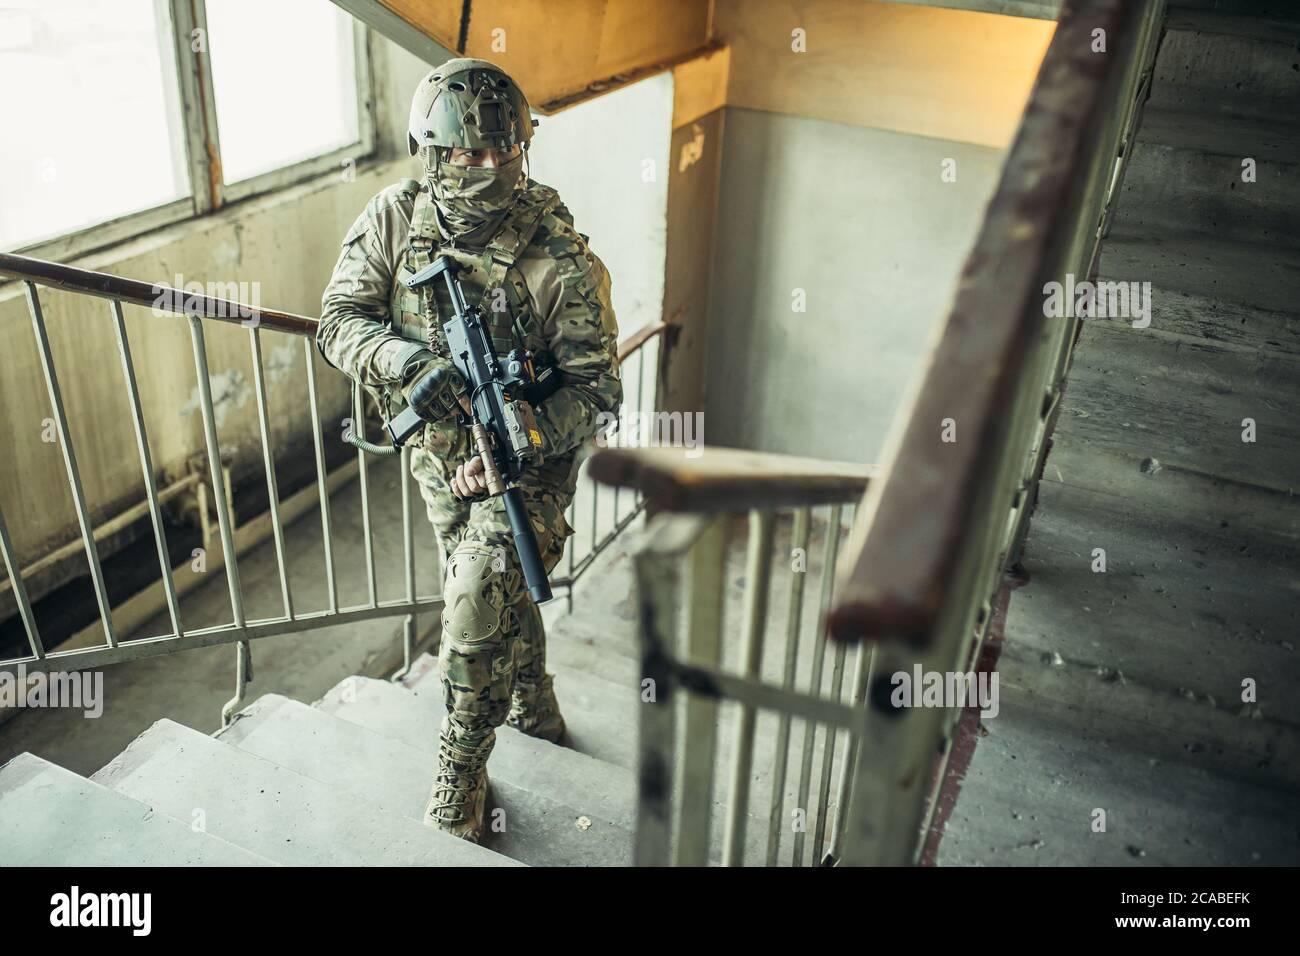 el concepto del ejército. soldado con arma en el aterrizaje, subiendo las escaleras, buscando enemigo para disparar, proteger. Foto de stock